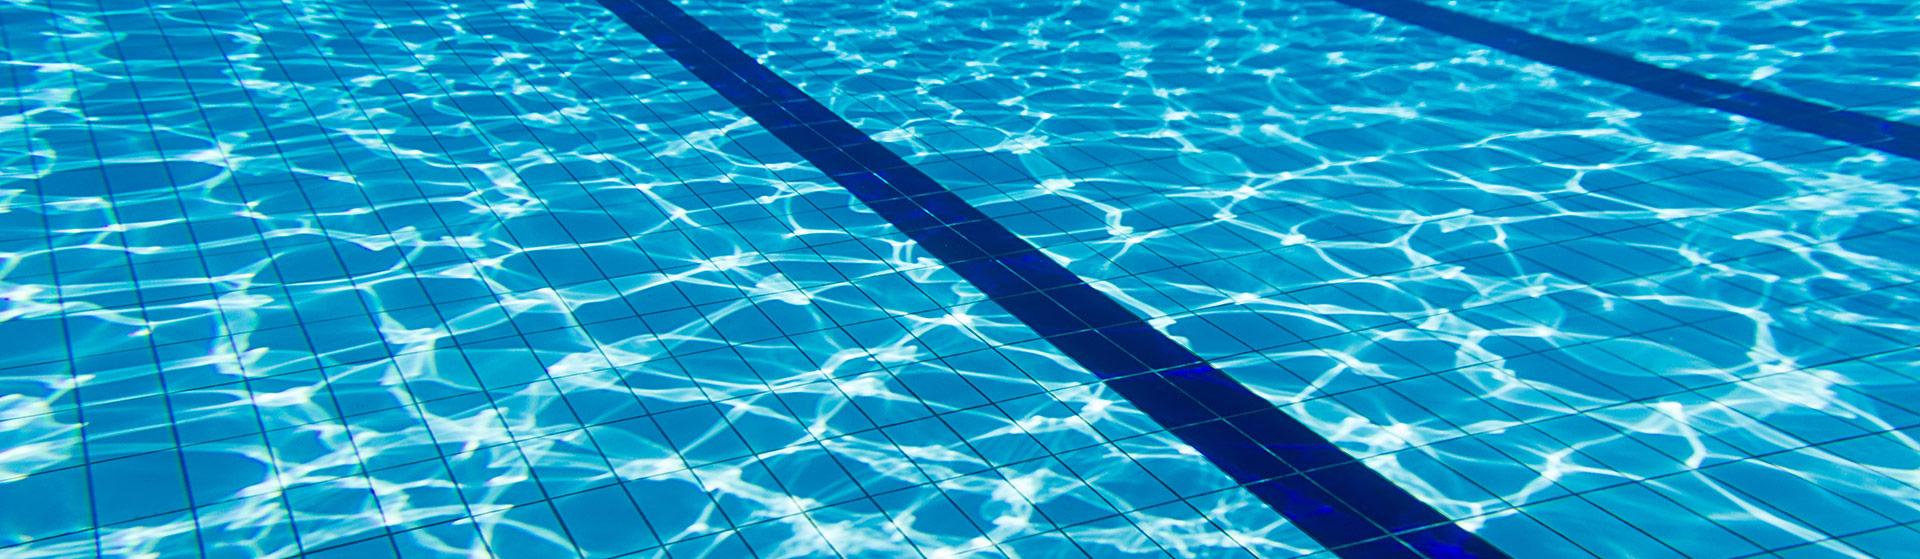 Calidad del agua en piscinas públicas y privadas